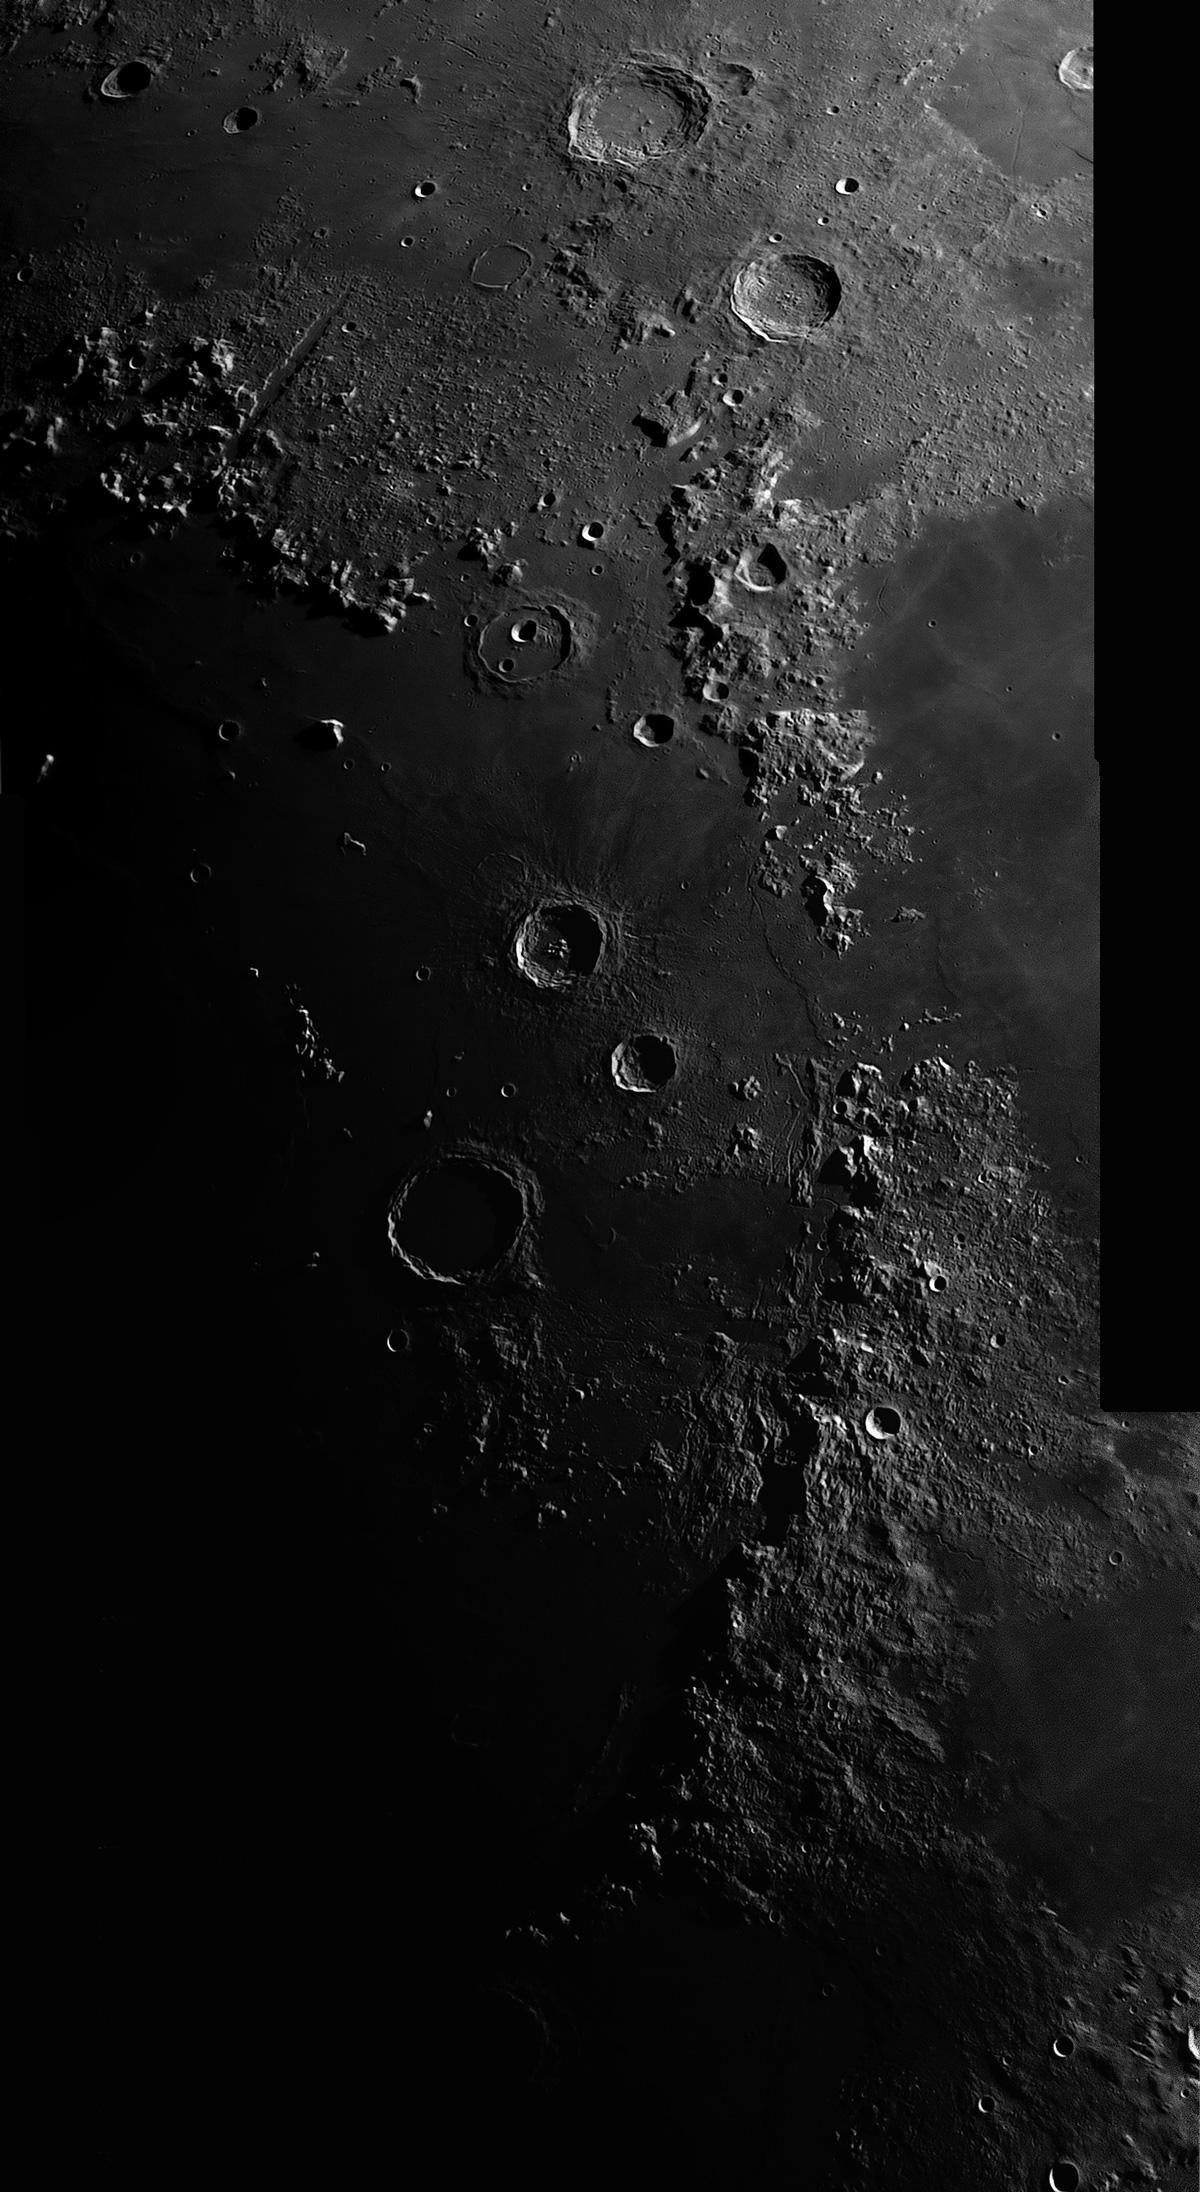 La Lune - Page 32 Appennins7_5_2014clair